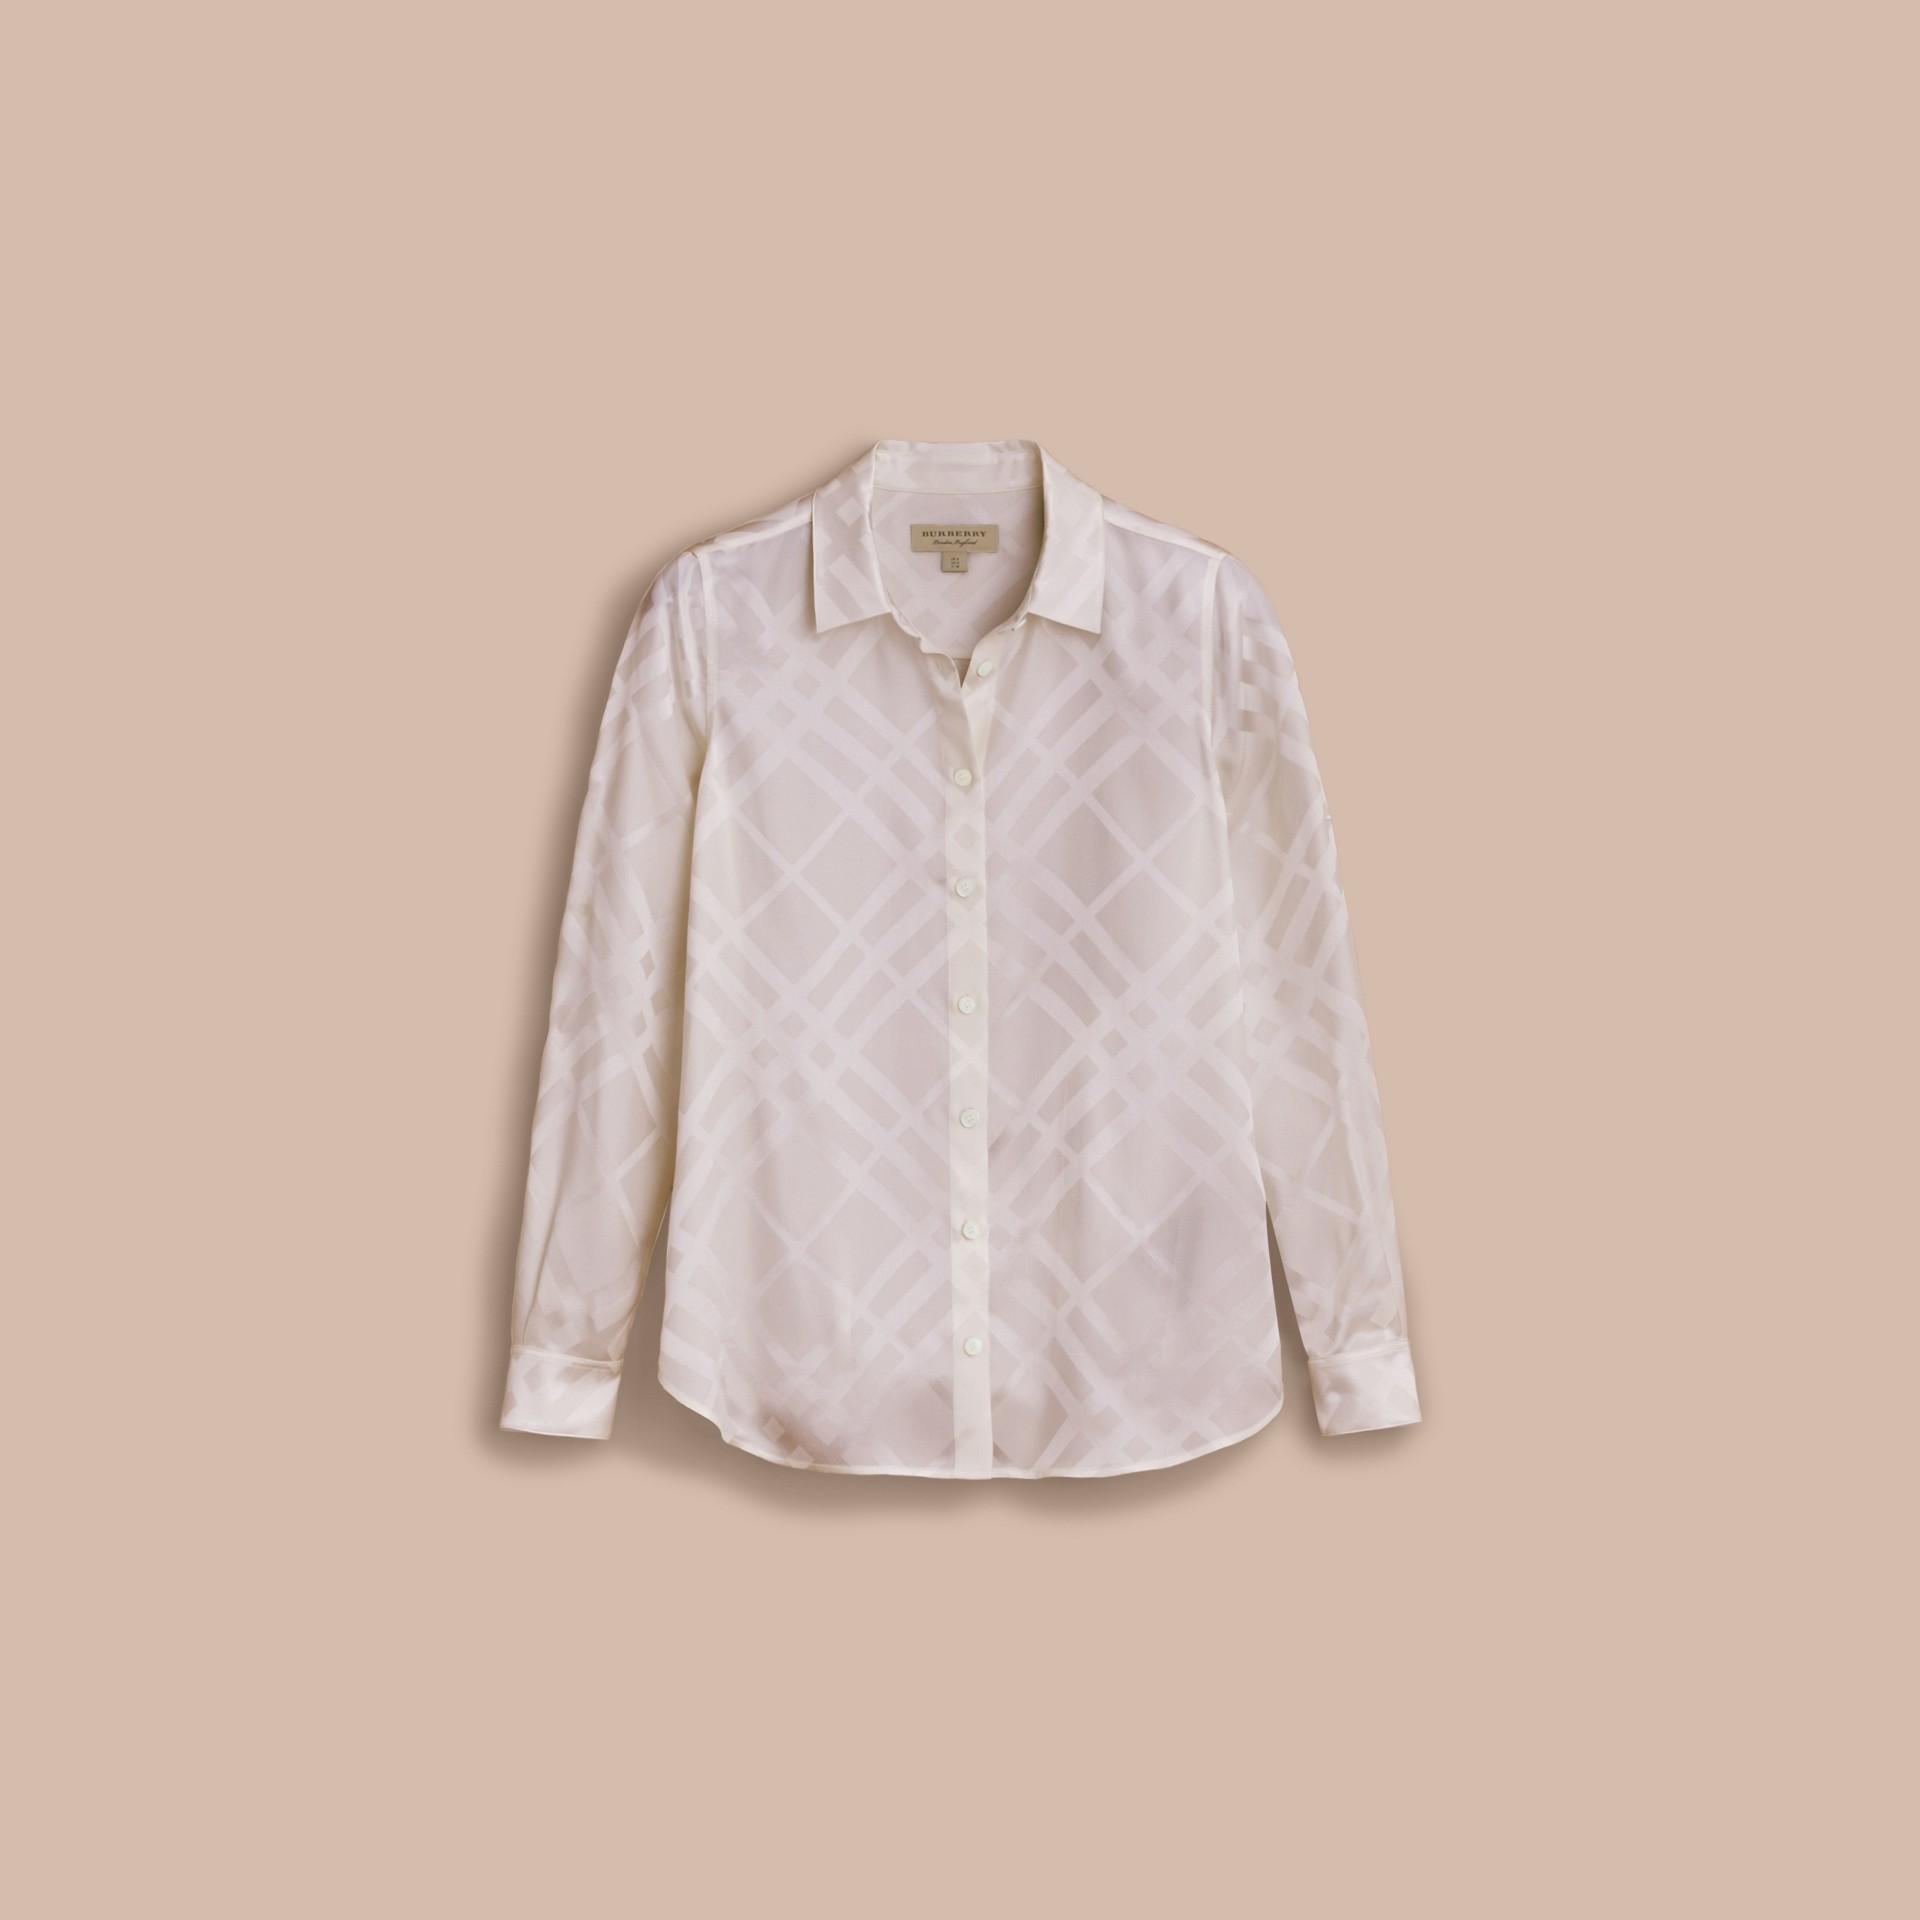 Bluse aus Seide mit farblich abgestimmtem Karomuster (Weiss) - Damen | Burberry - Galerie-Bild 4